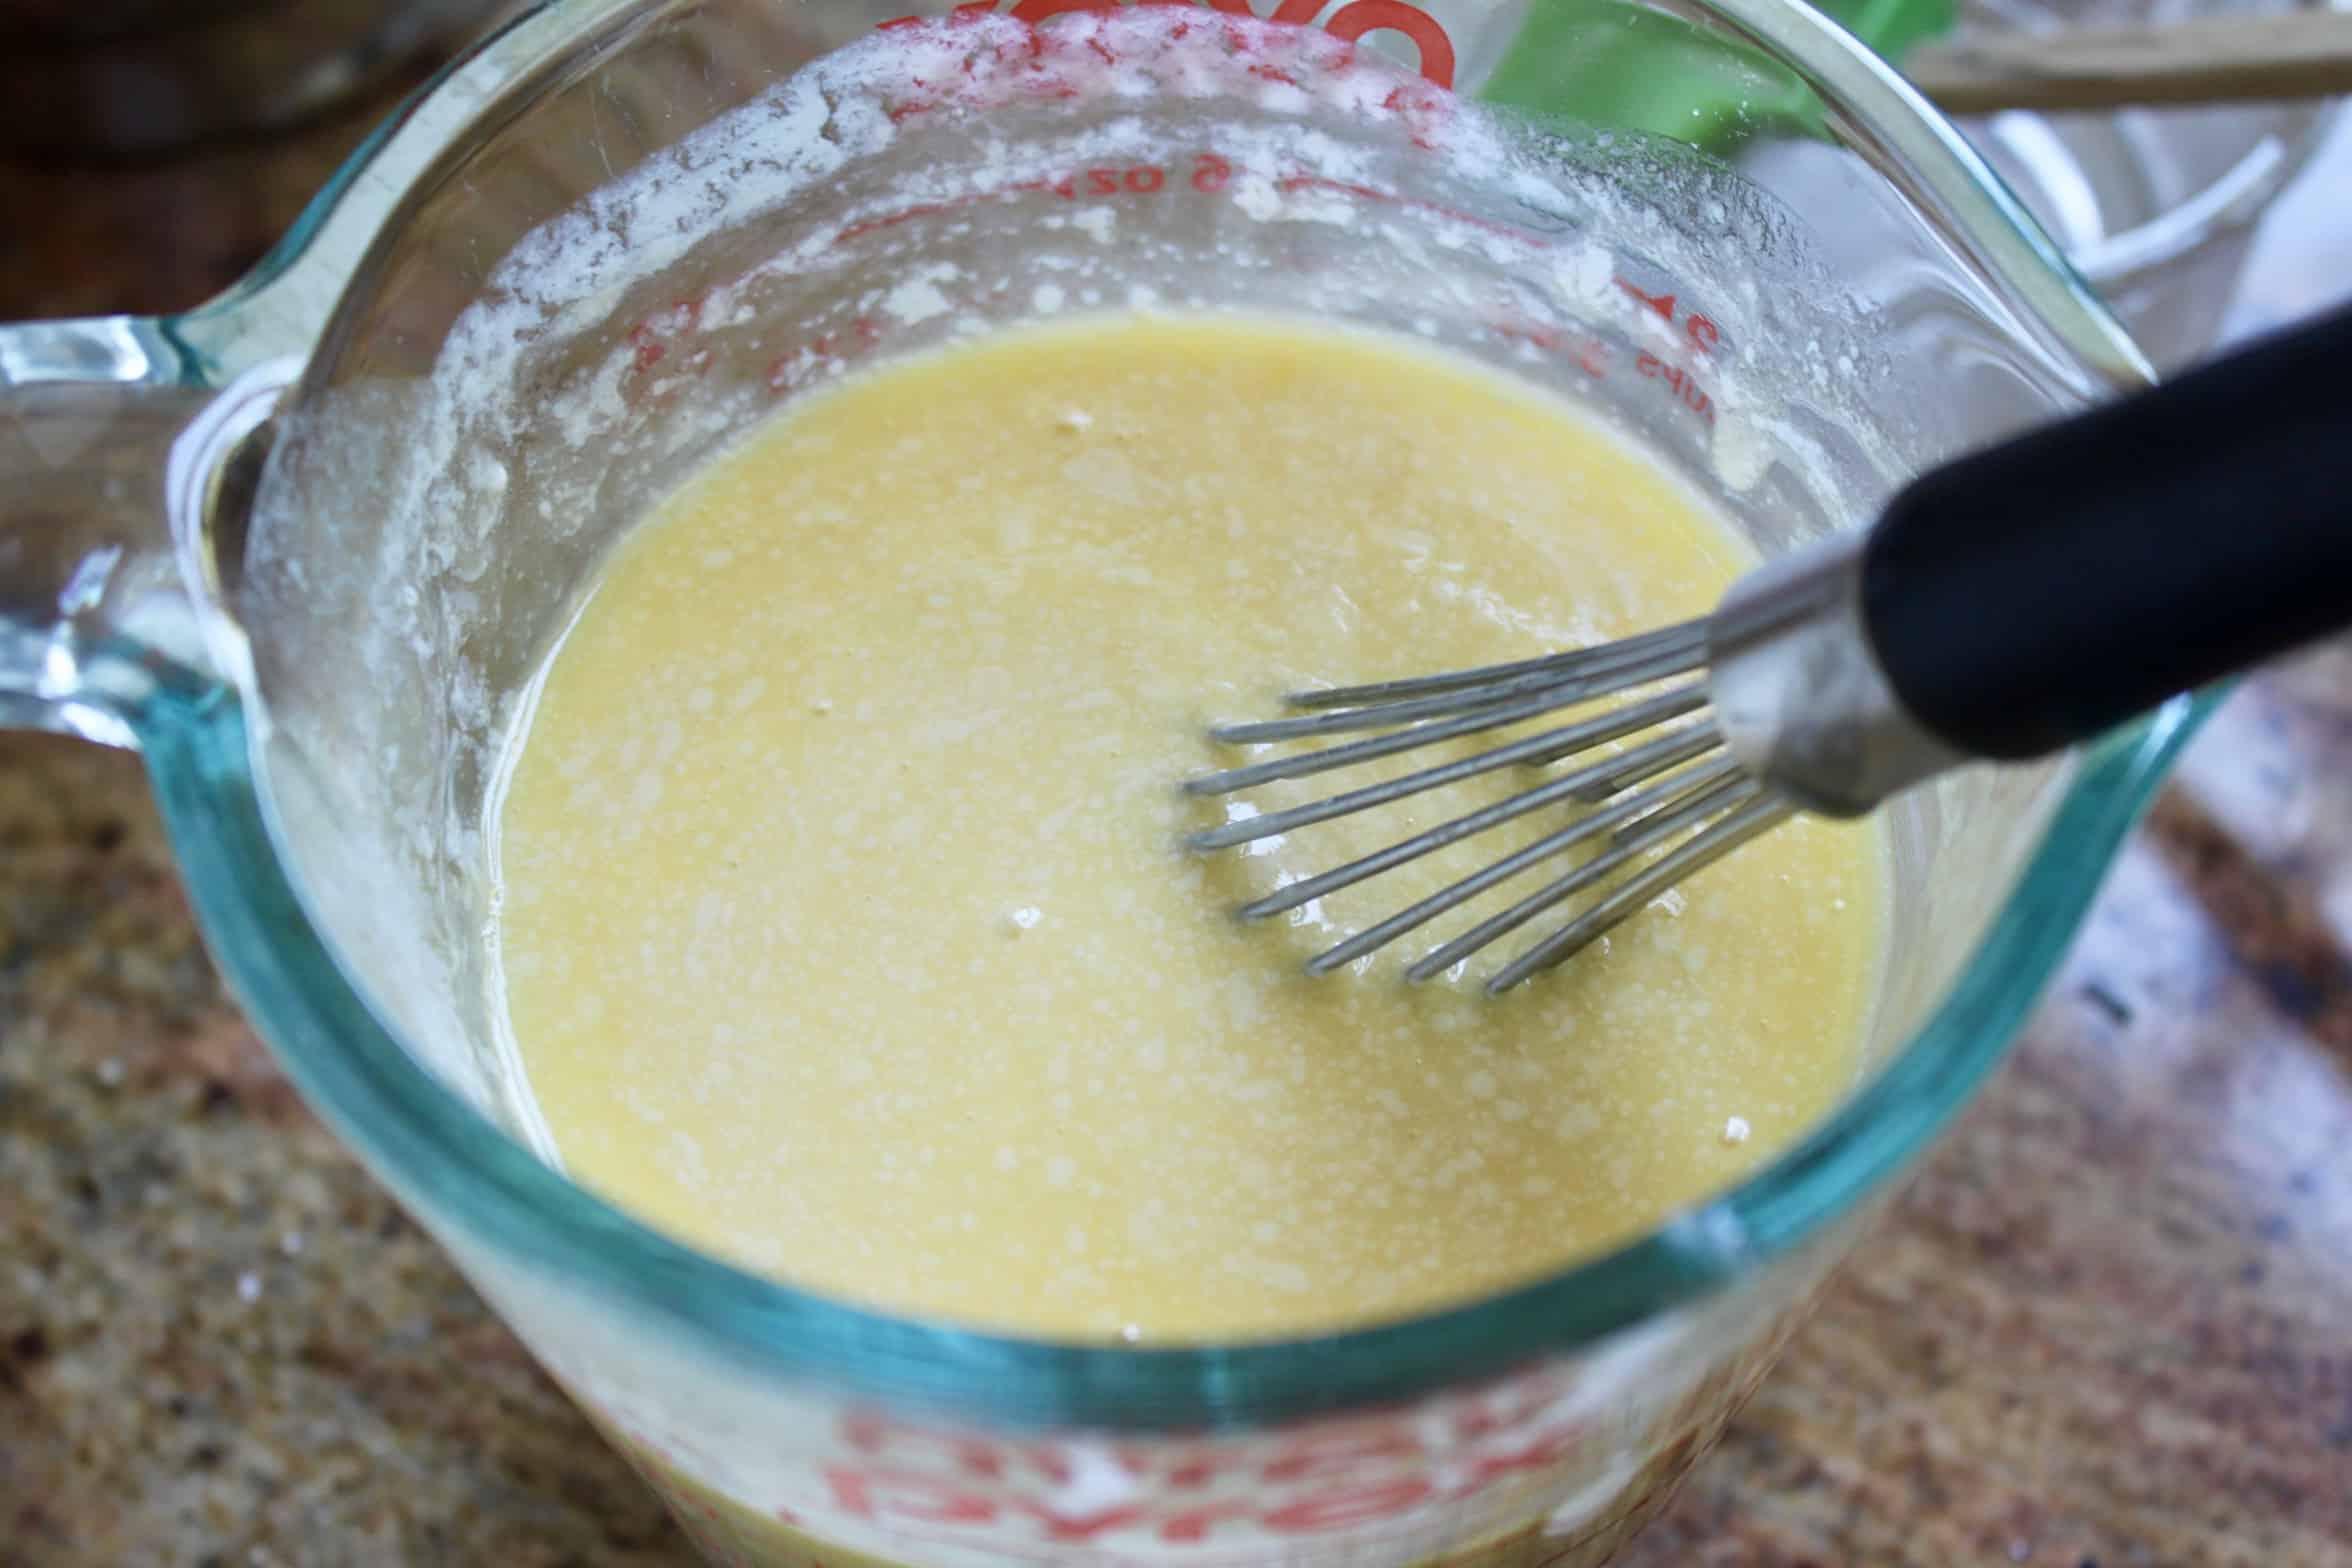 mixing liquid ingredients